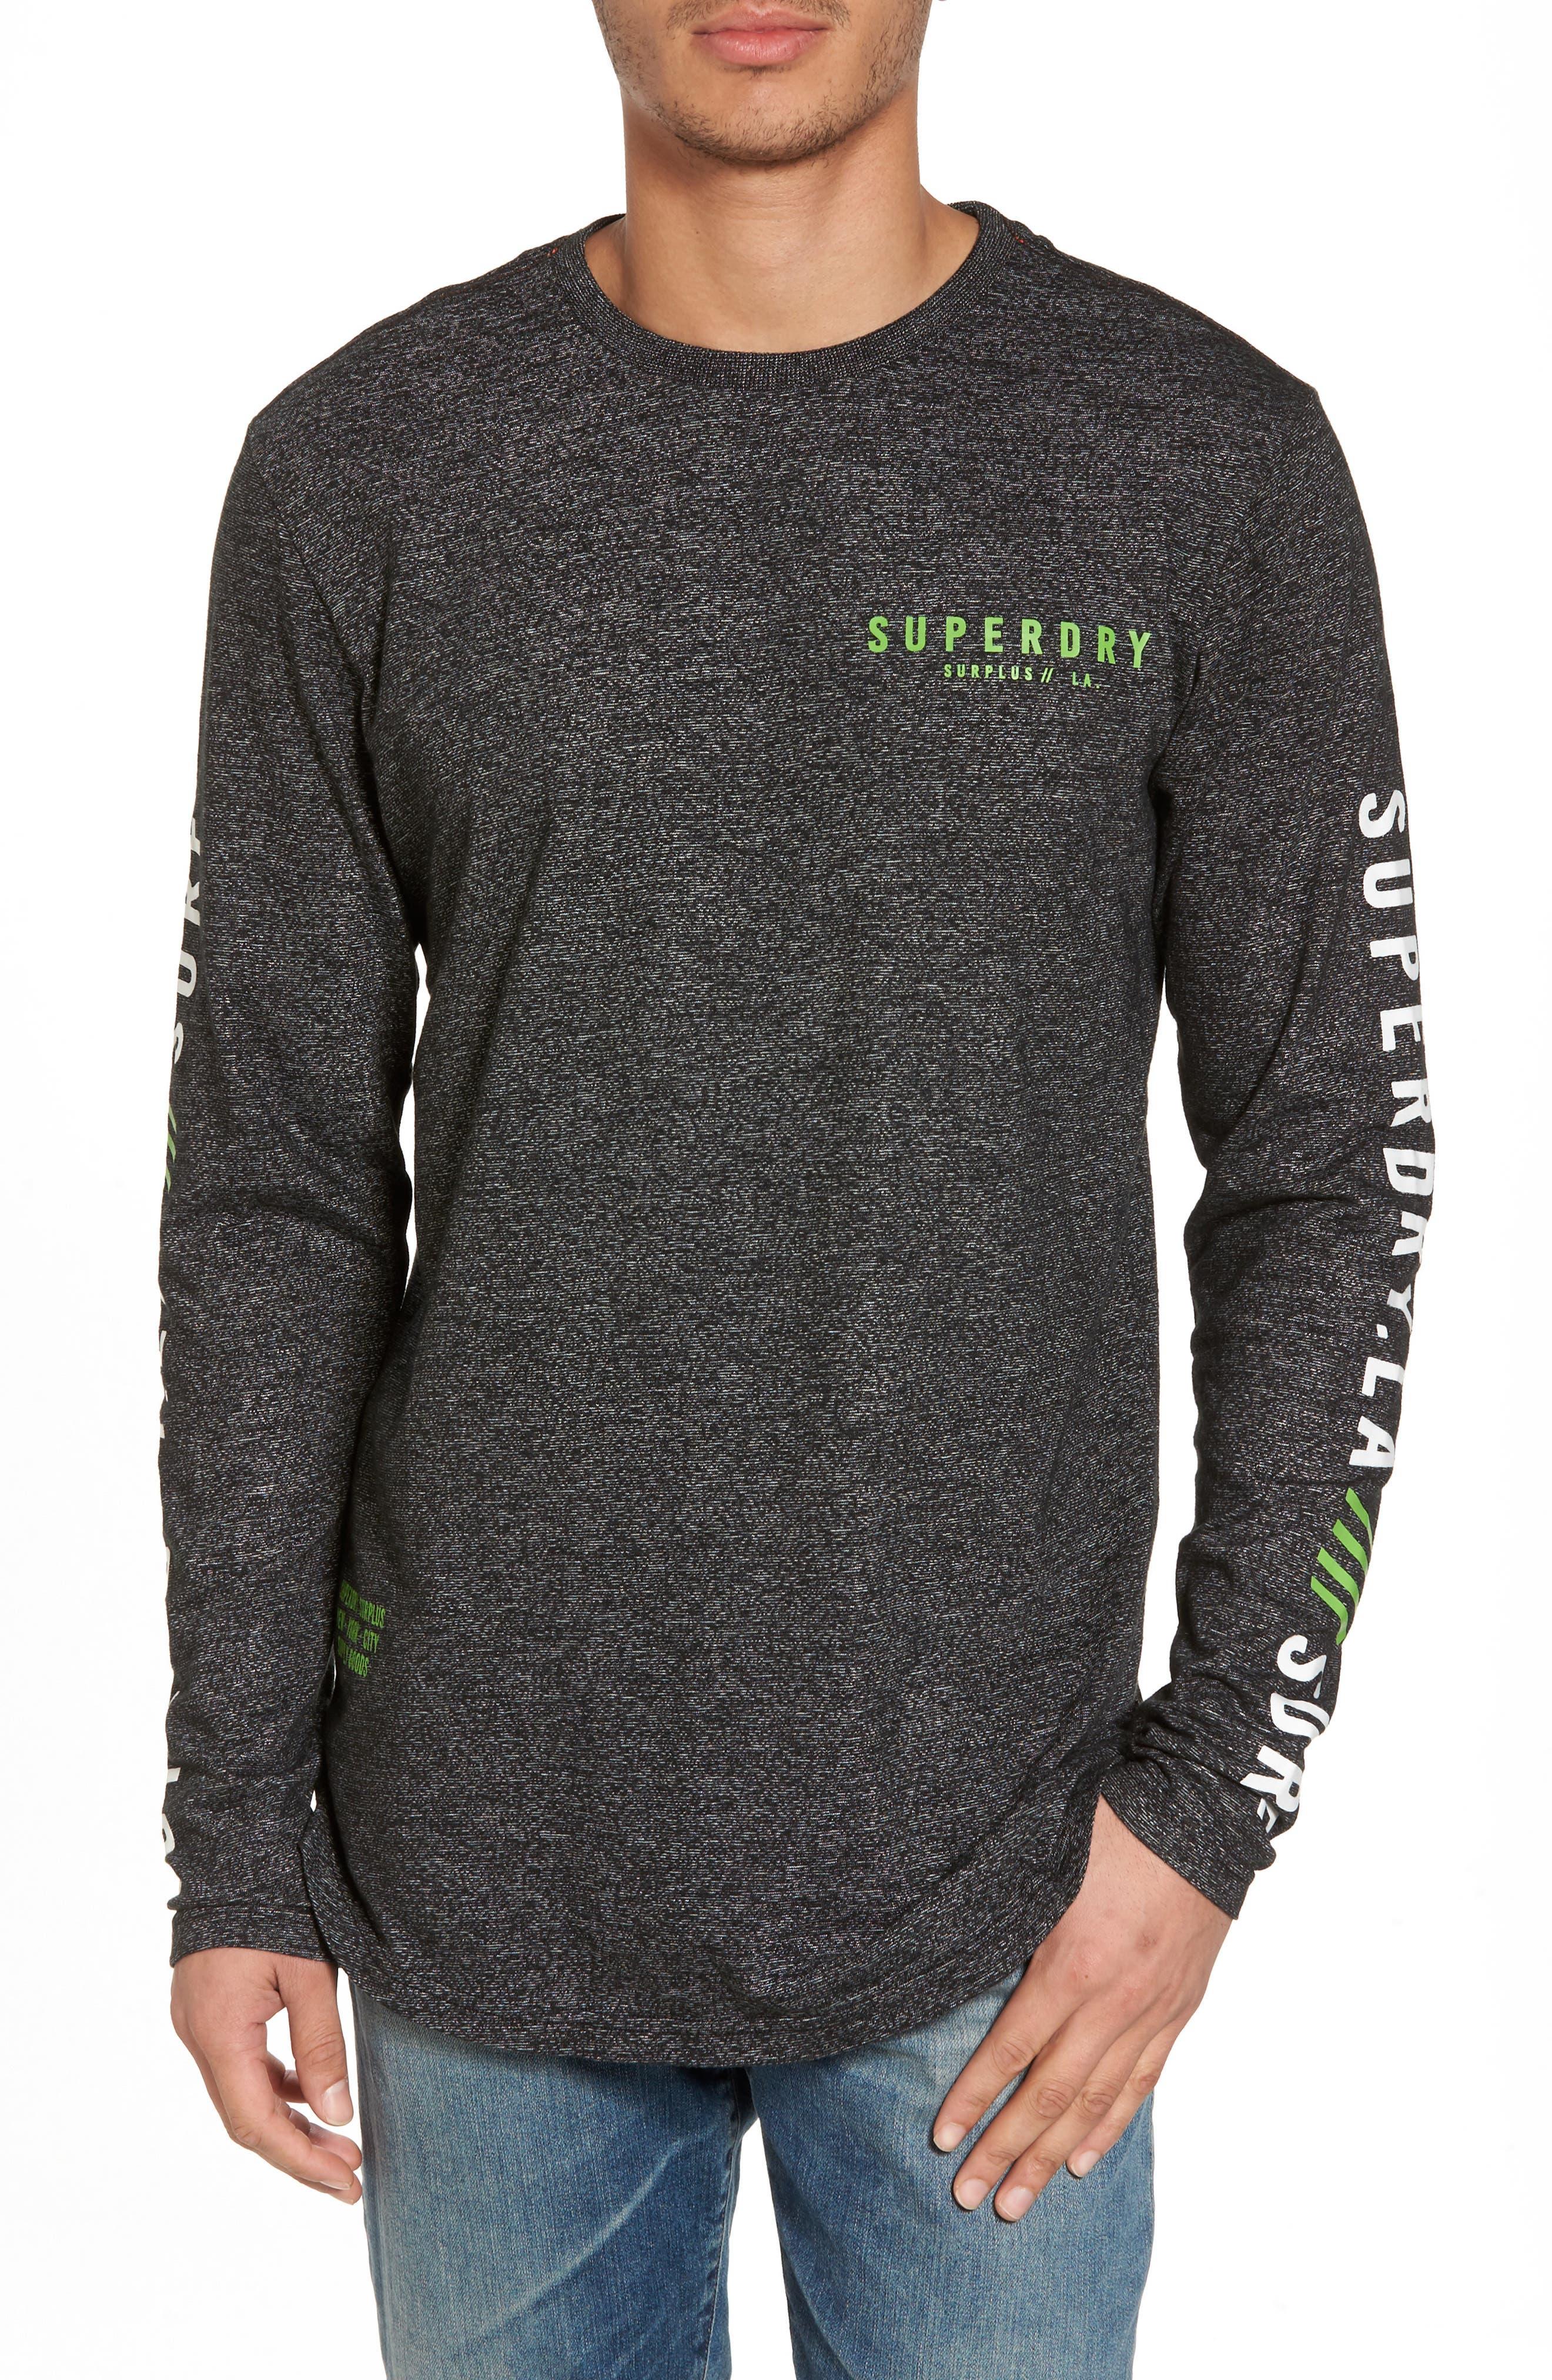 Surplus Goods T-Shirt,                         Main,                         color, 020